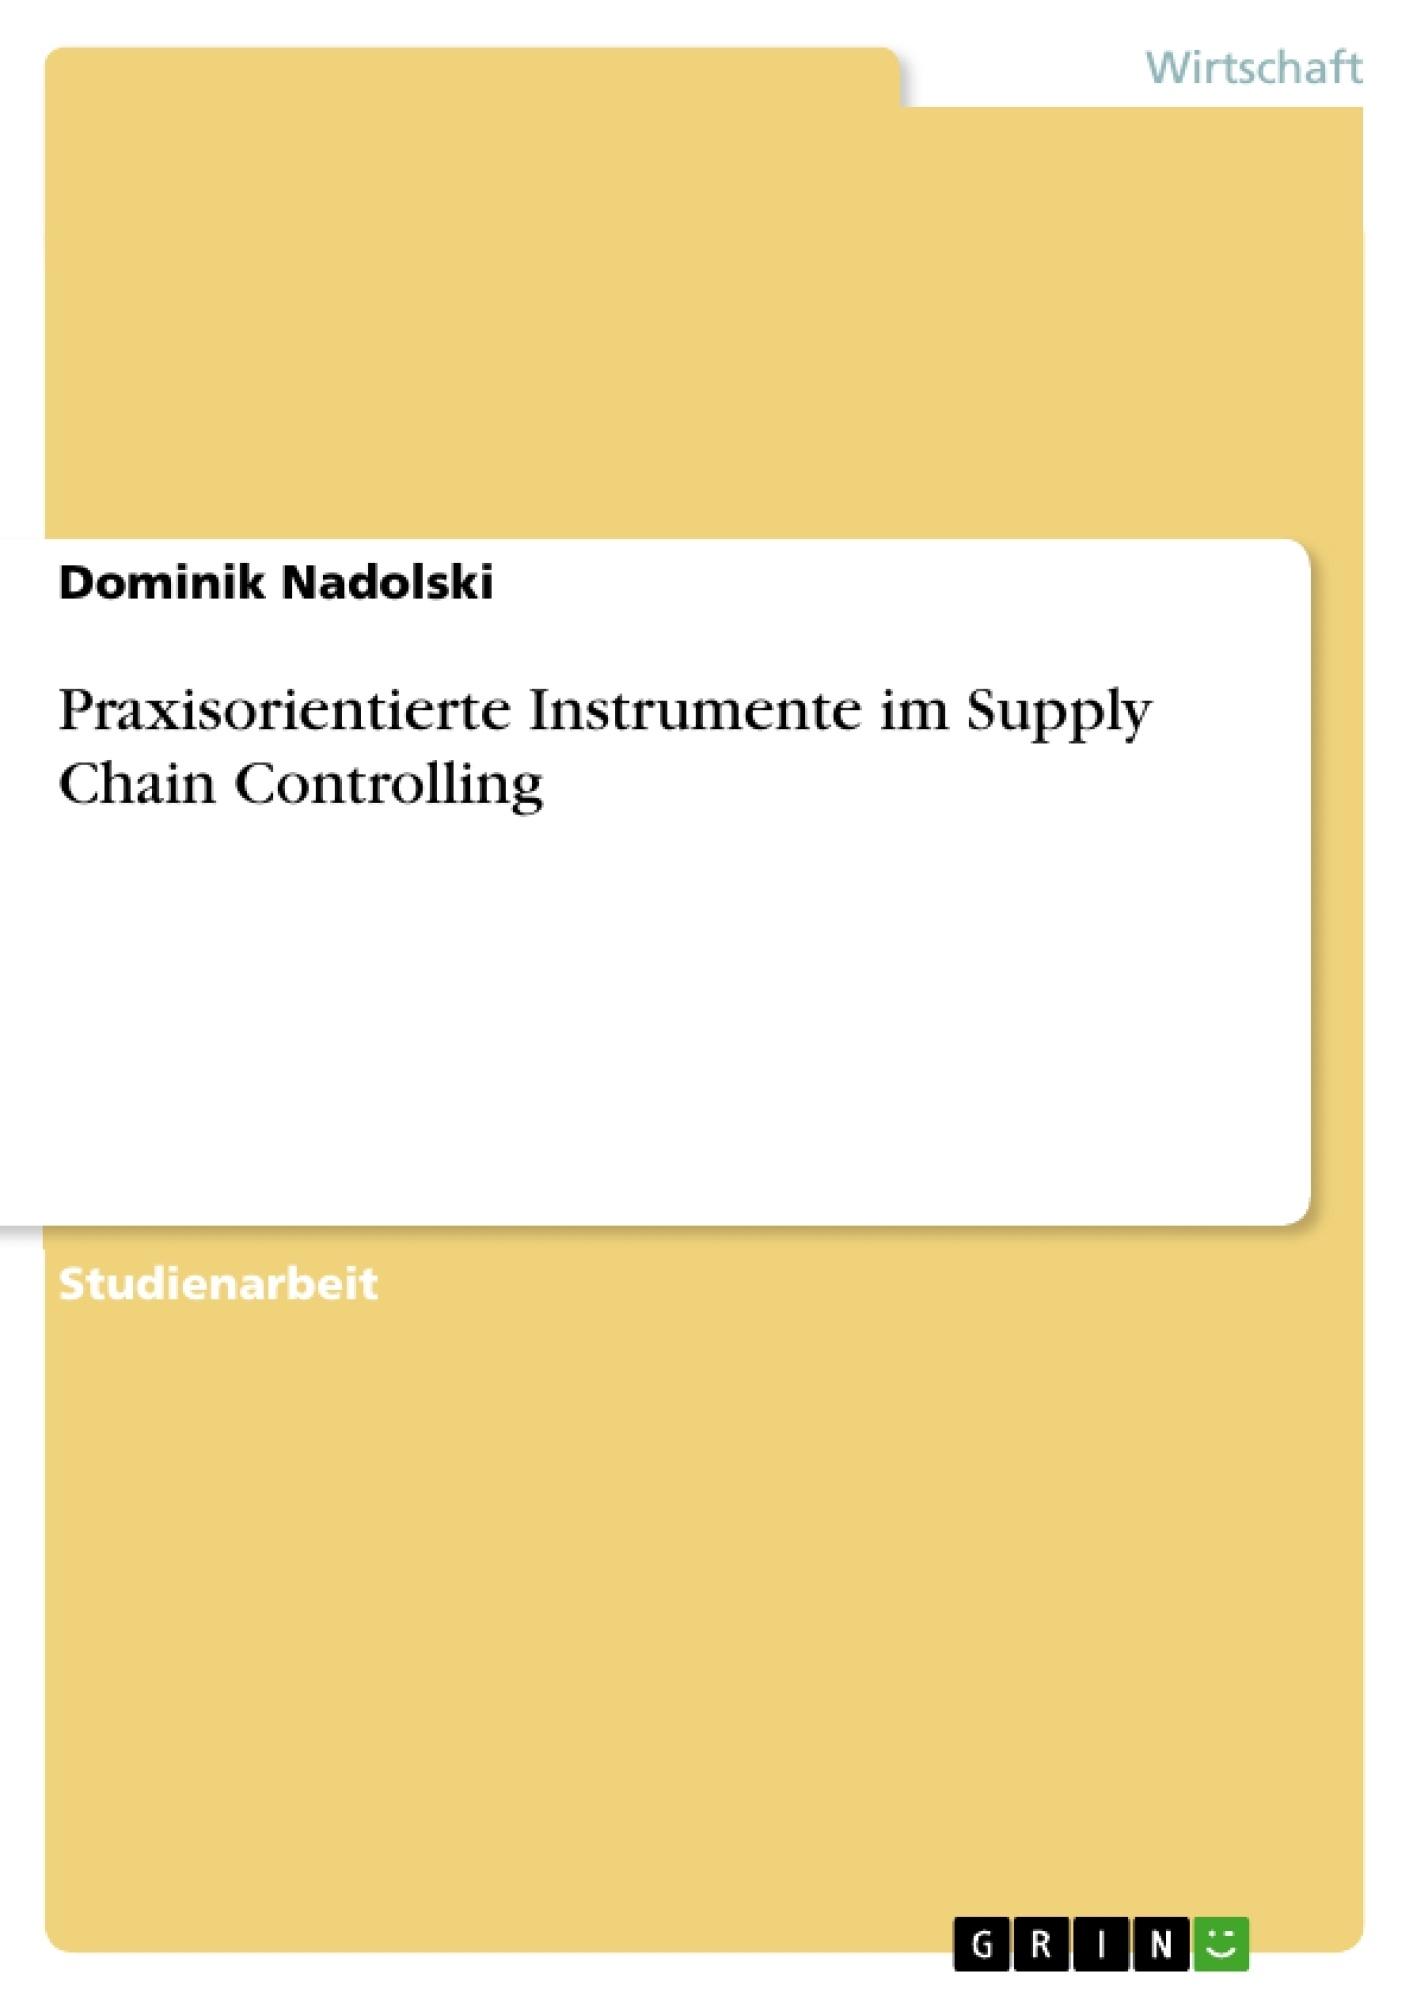 Titel: Praxisorientierte Instrumente im Supply Chain Controlling